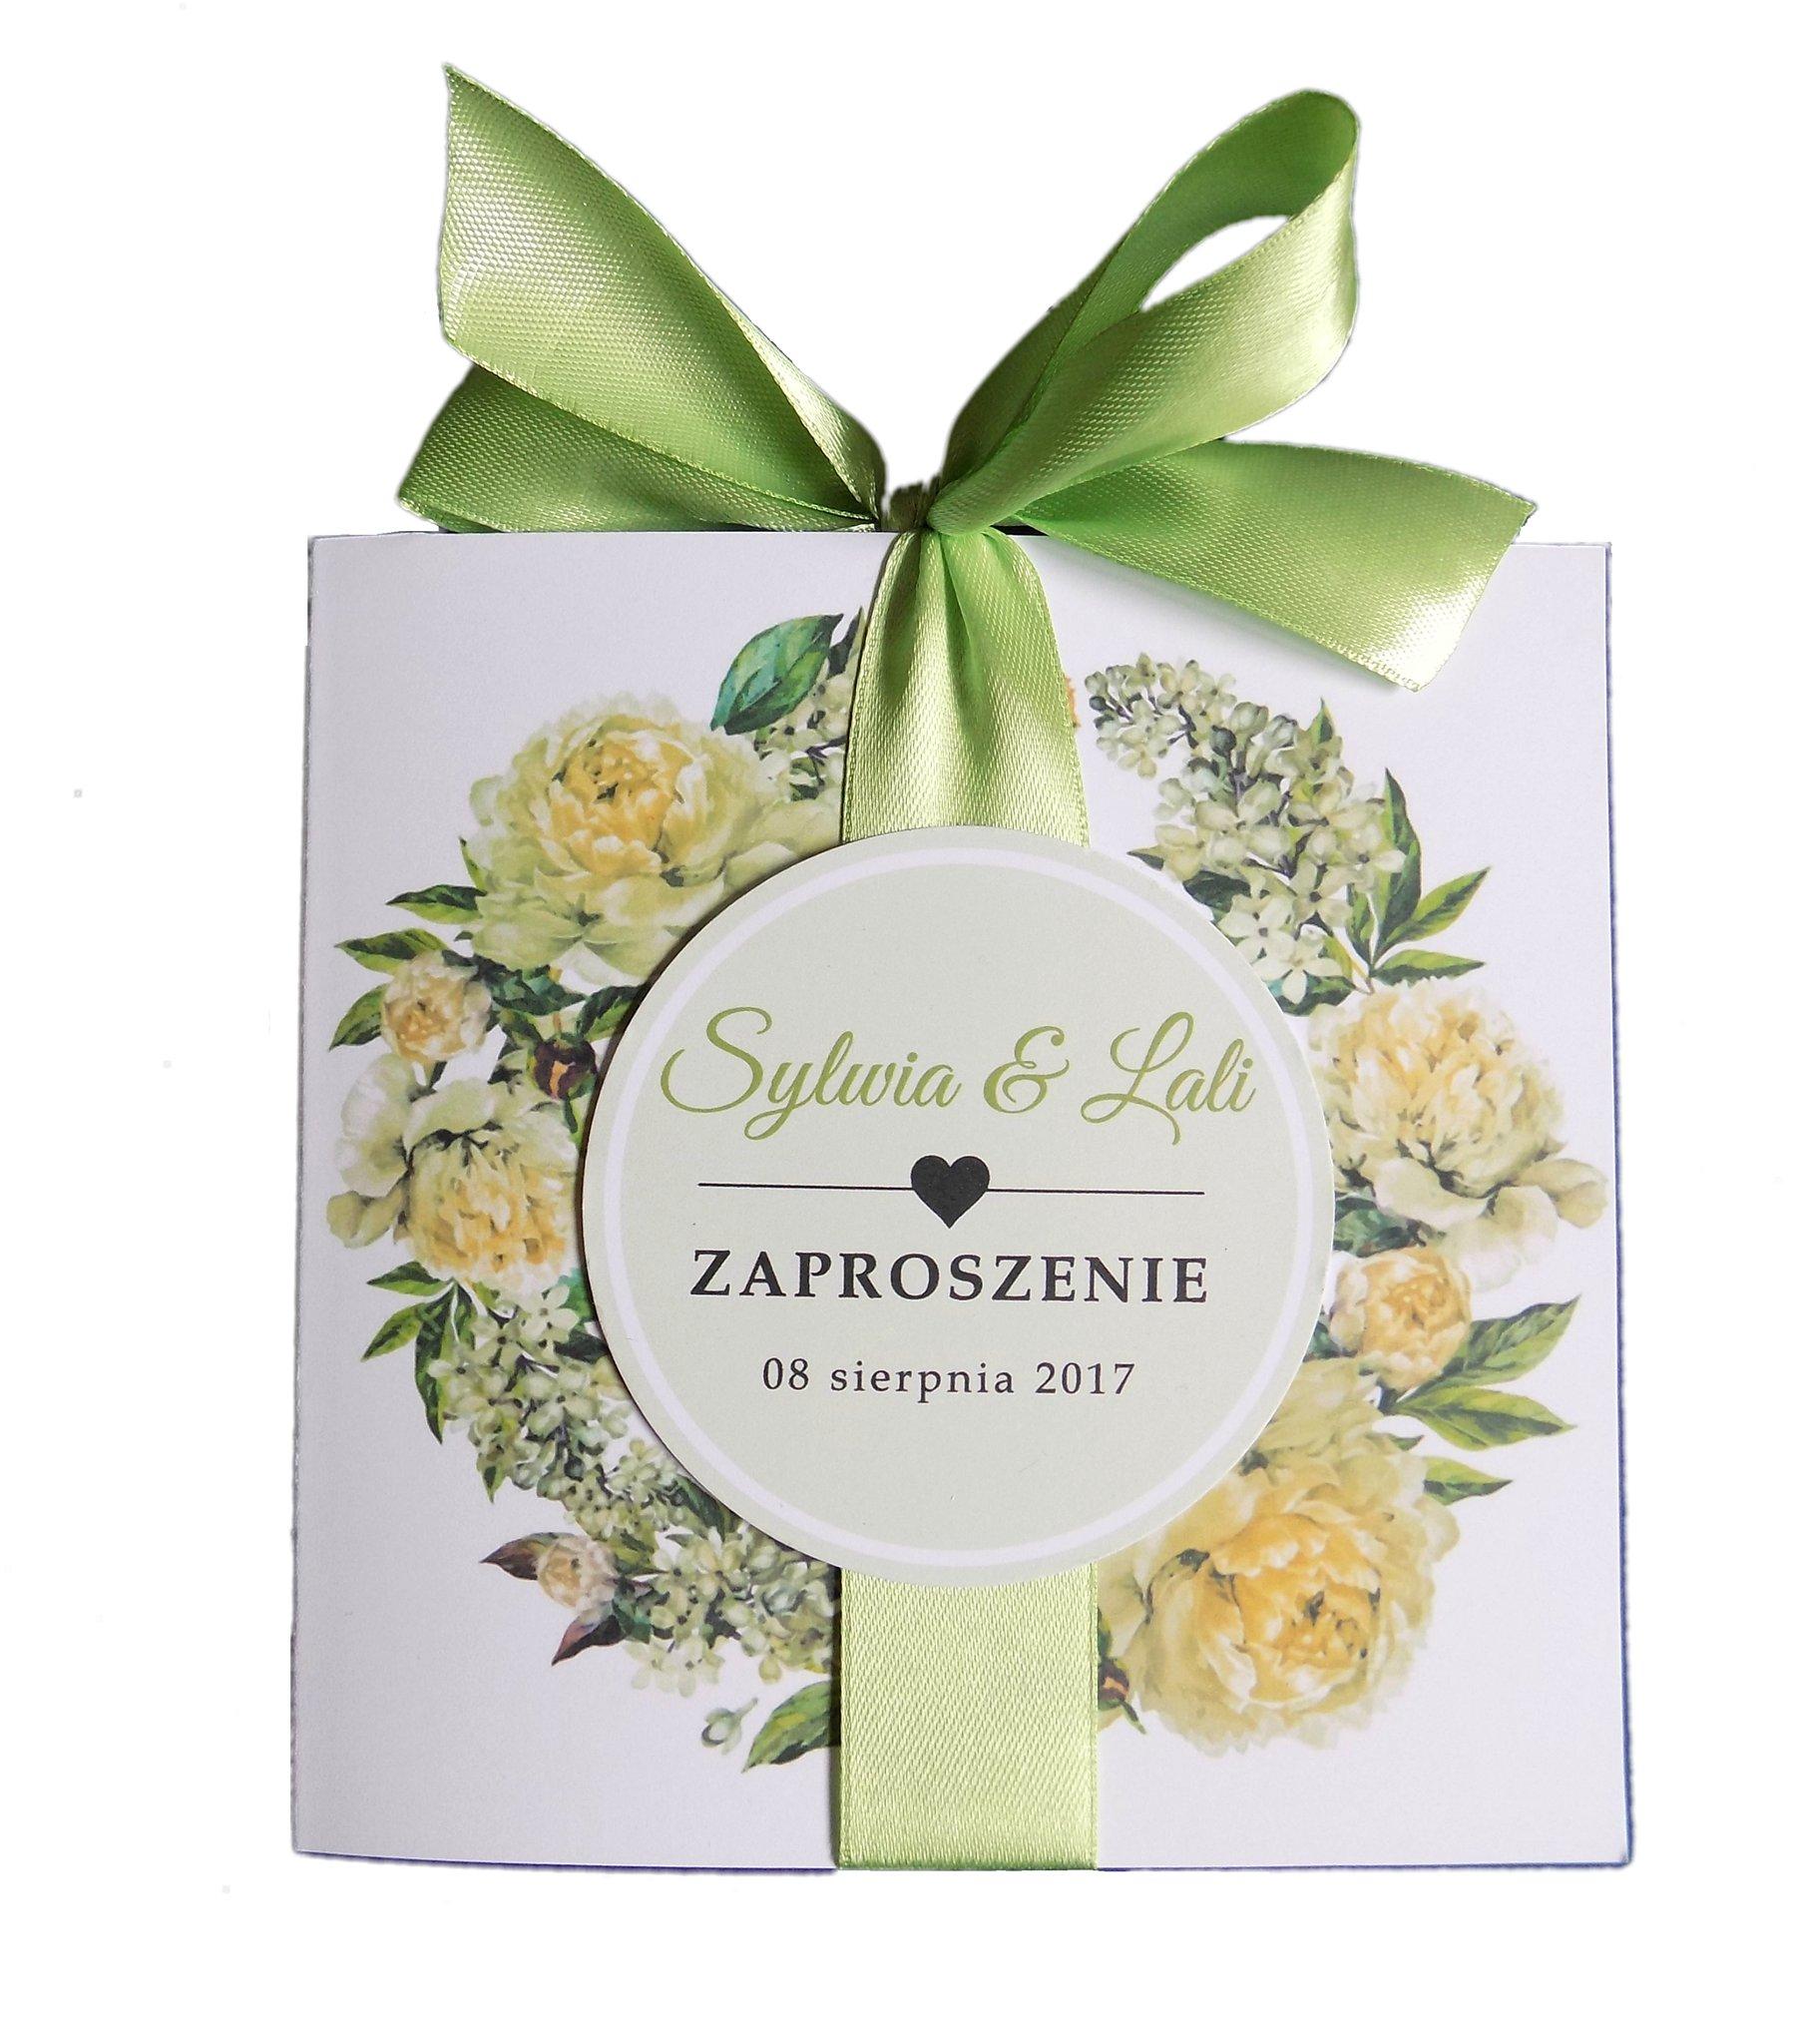 Zaproszenia ślubne Kwiaty Wianek Piwonia Greenery 6827583852